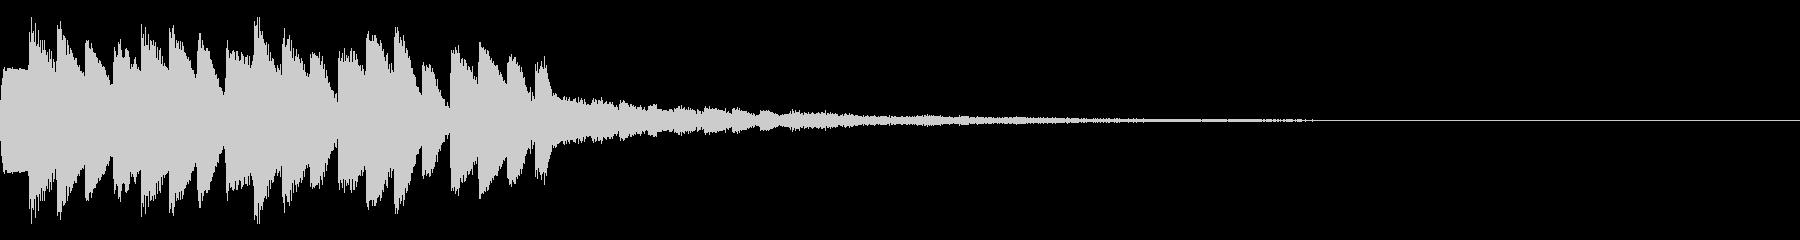 テロップ音01の未再生の波形